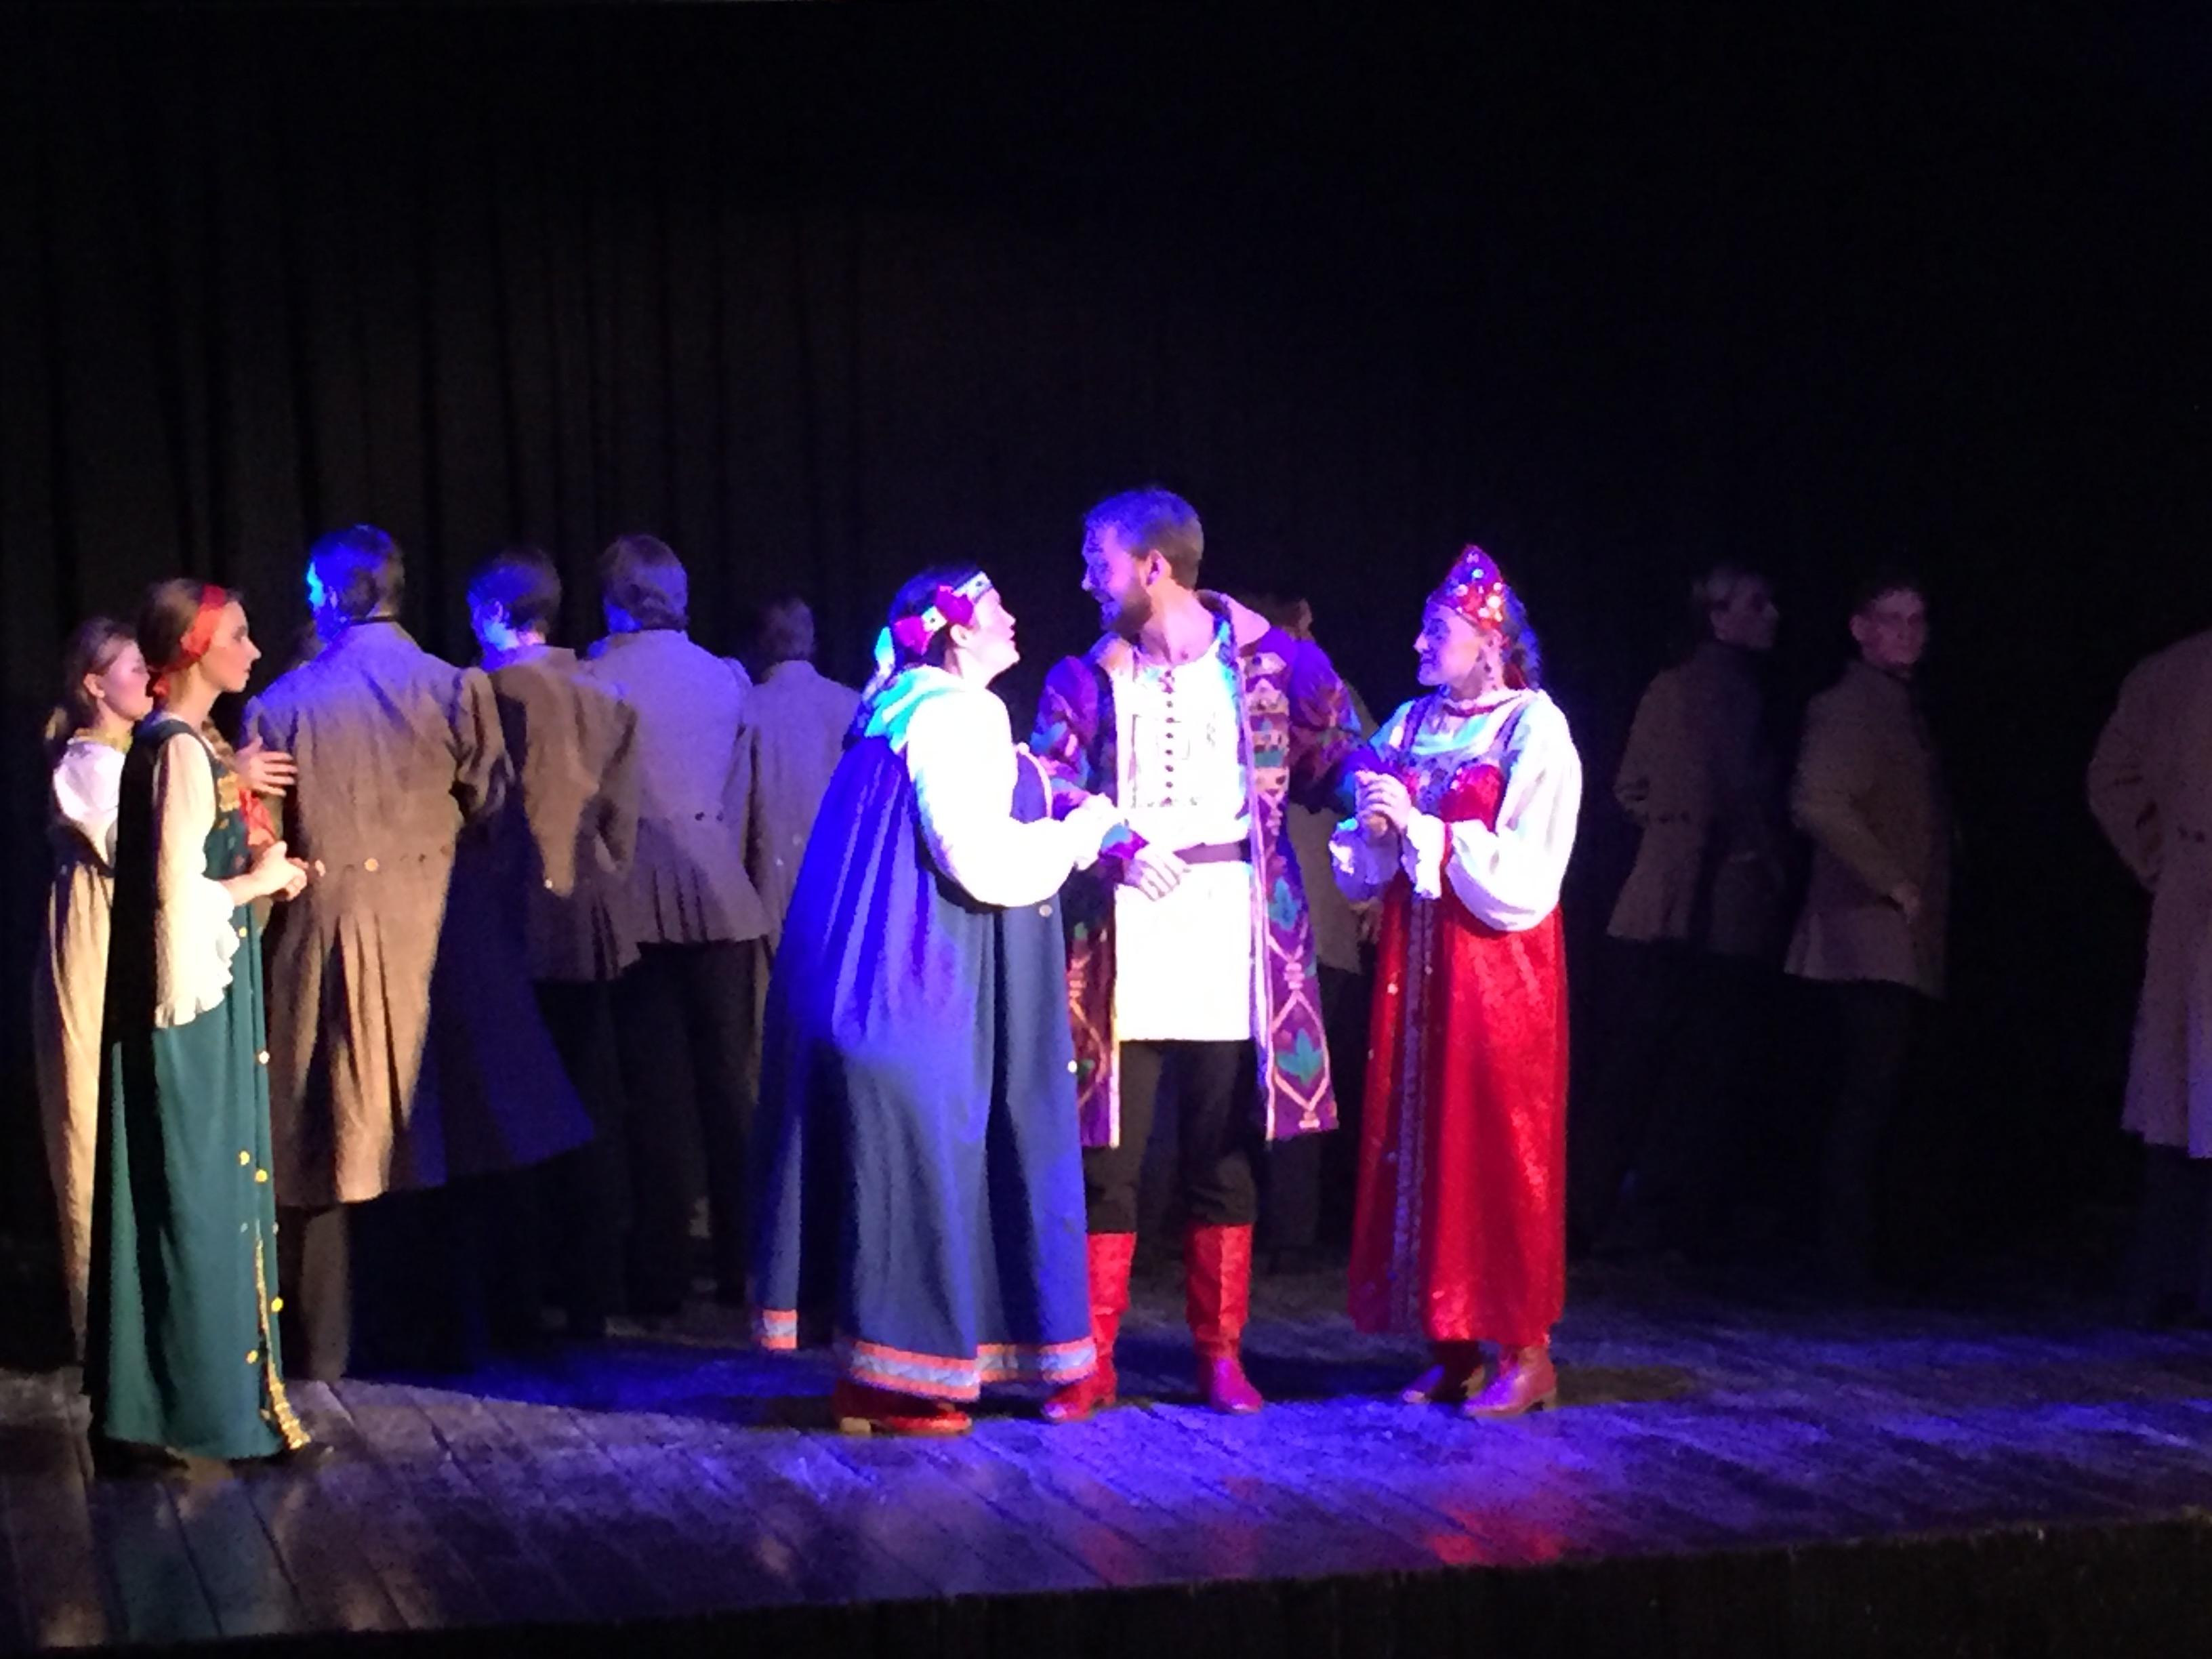 Самарская область готова к окружному туру фестиваля «Театральное Приволжье»